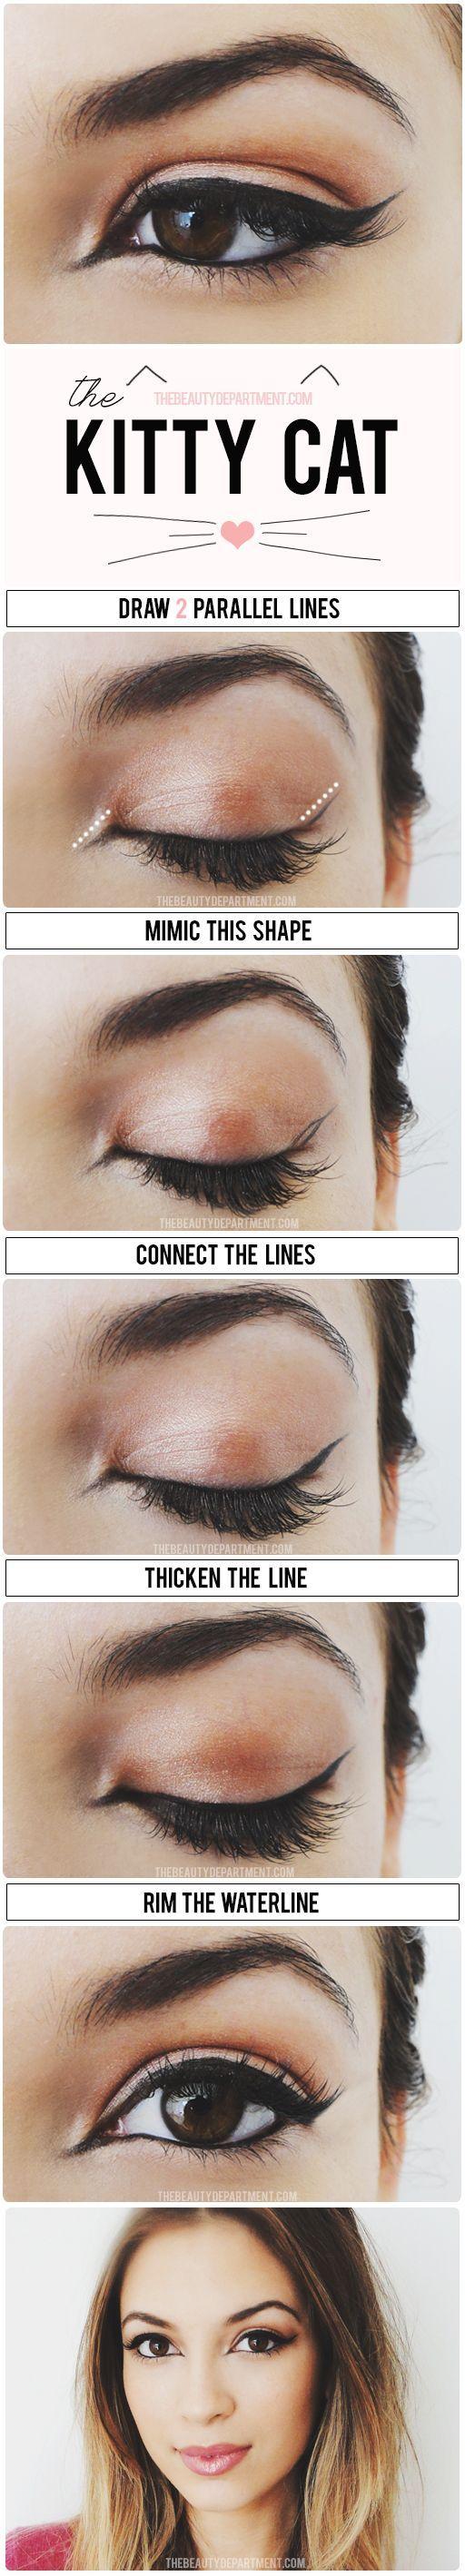 without eye makeup eye makeup to do eye makeup makeup inspiration makeup using lipstick